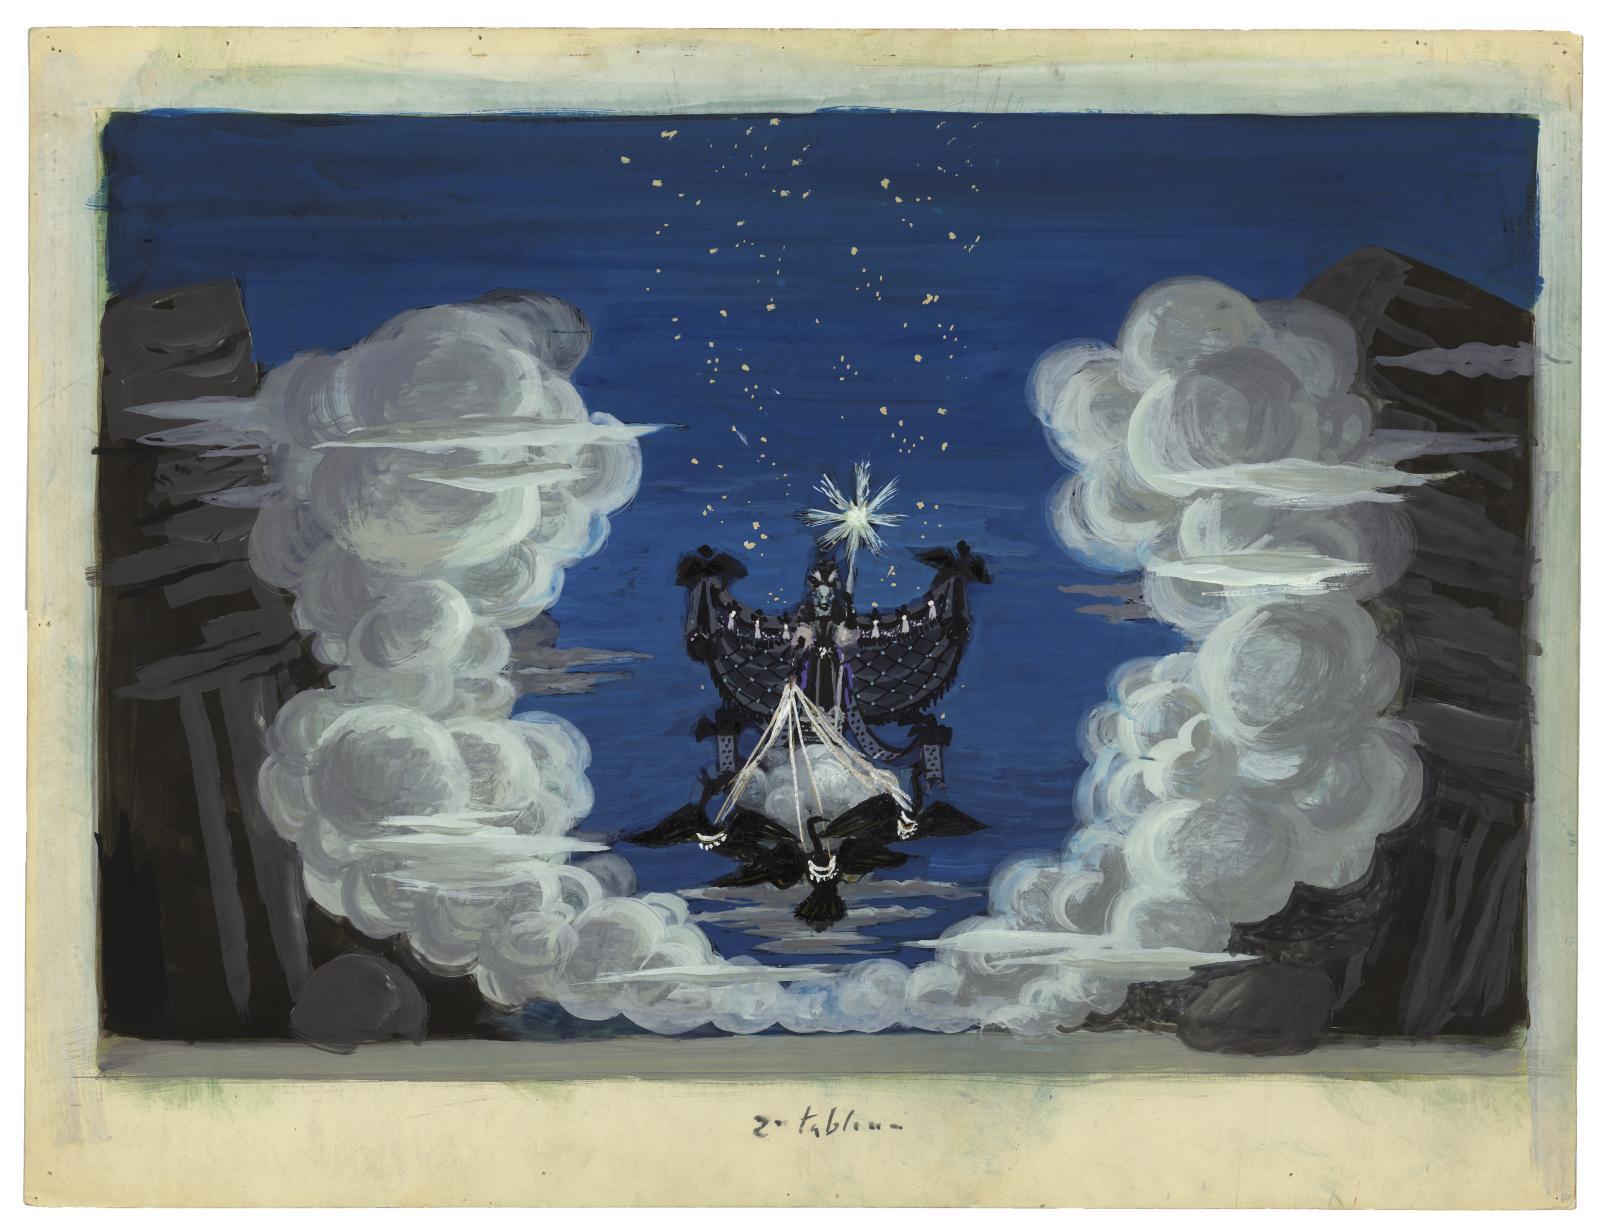 Roger Chapelain-Midy (1904-1992), projet de décor pour La Flûte enchantée, 1954,BnF, département de la Musique, Bibliothèque-musée de l'Opéra. ©Adagp